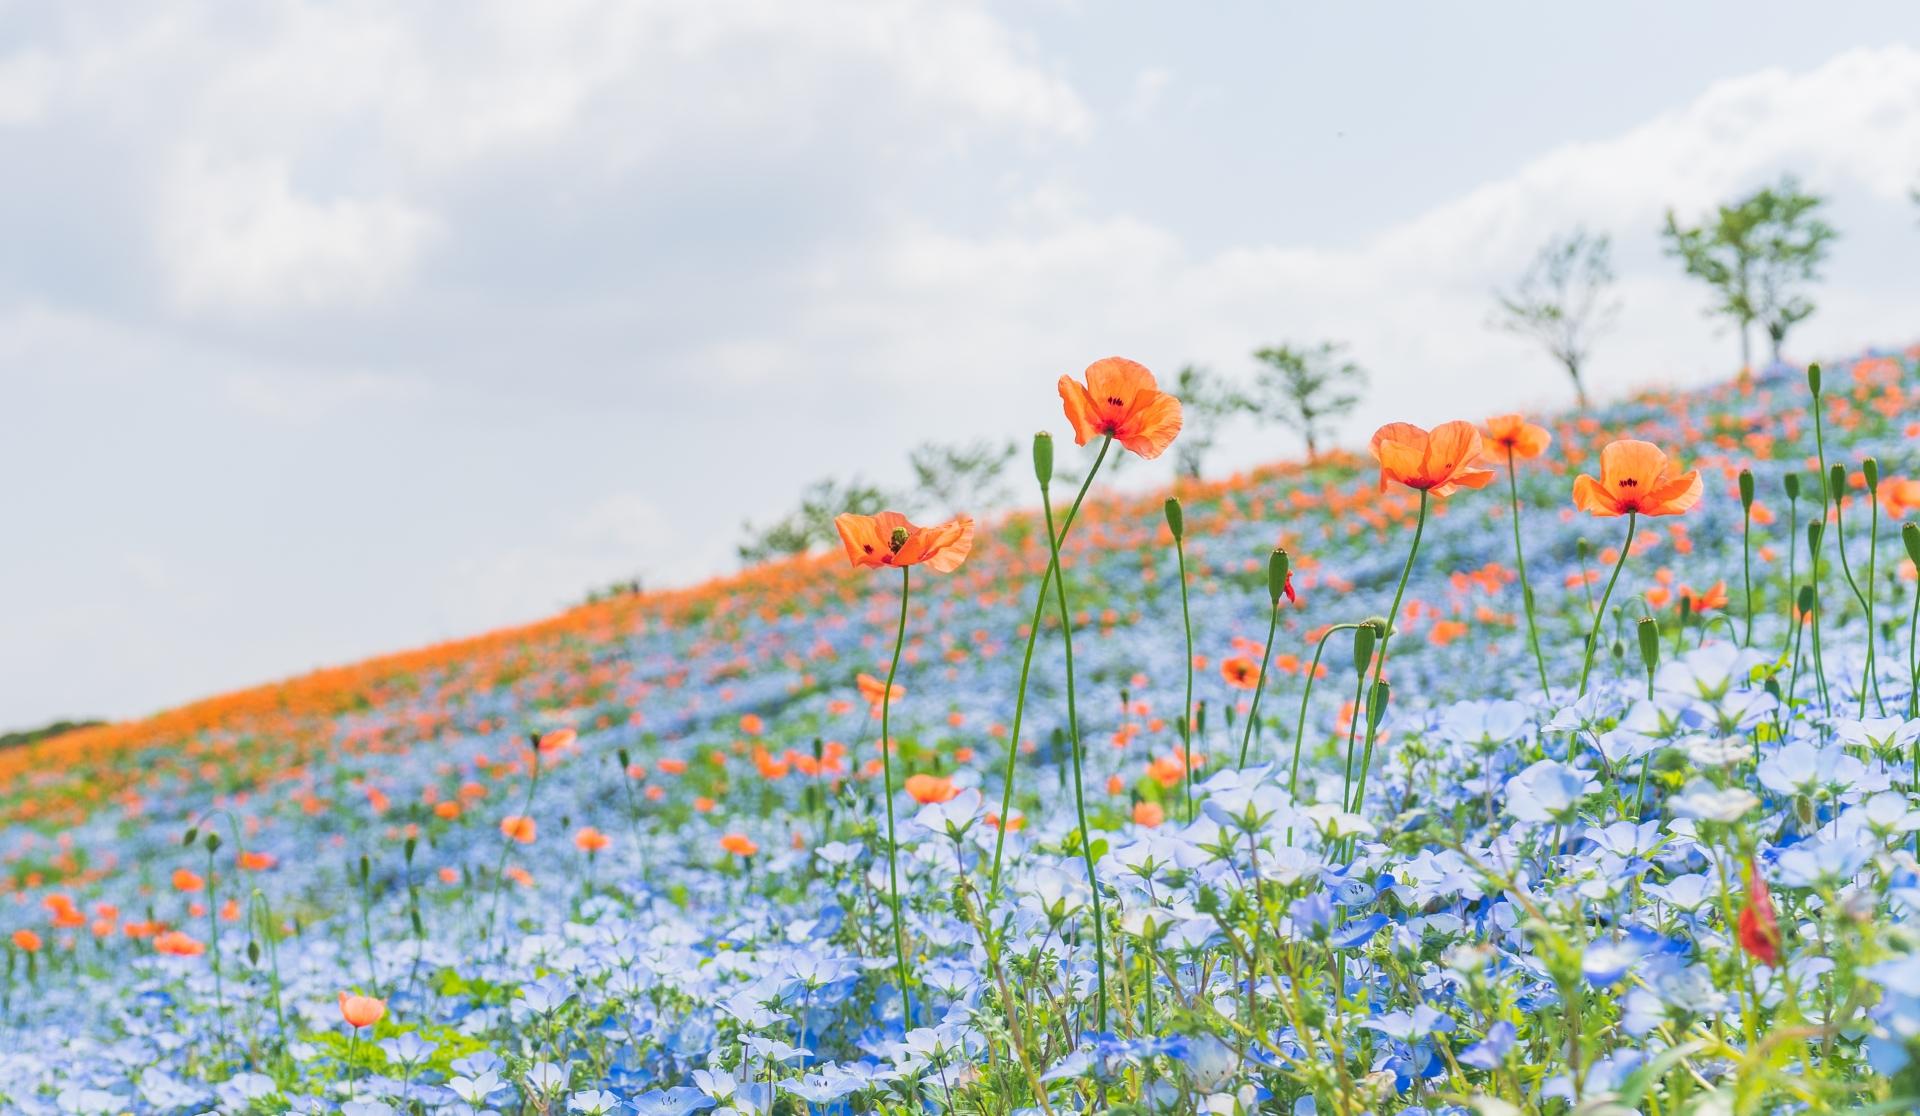 4081416_m 大阪府 大阪まいしまシーサイドパーク(一面に咲くネモフィラと空と海の青の絶景スポット! 写真の紹介、アクセス情報など)